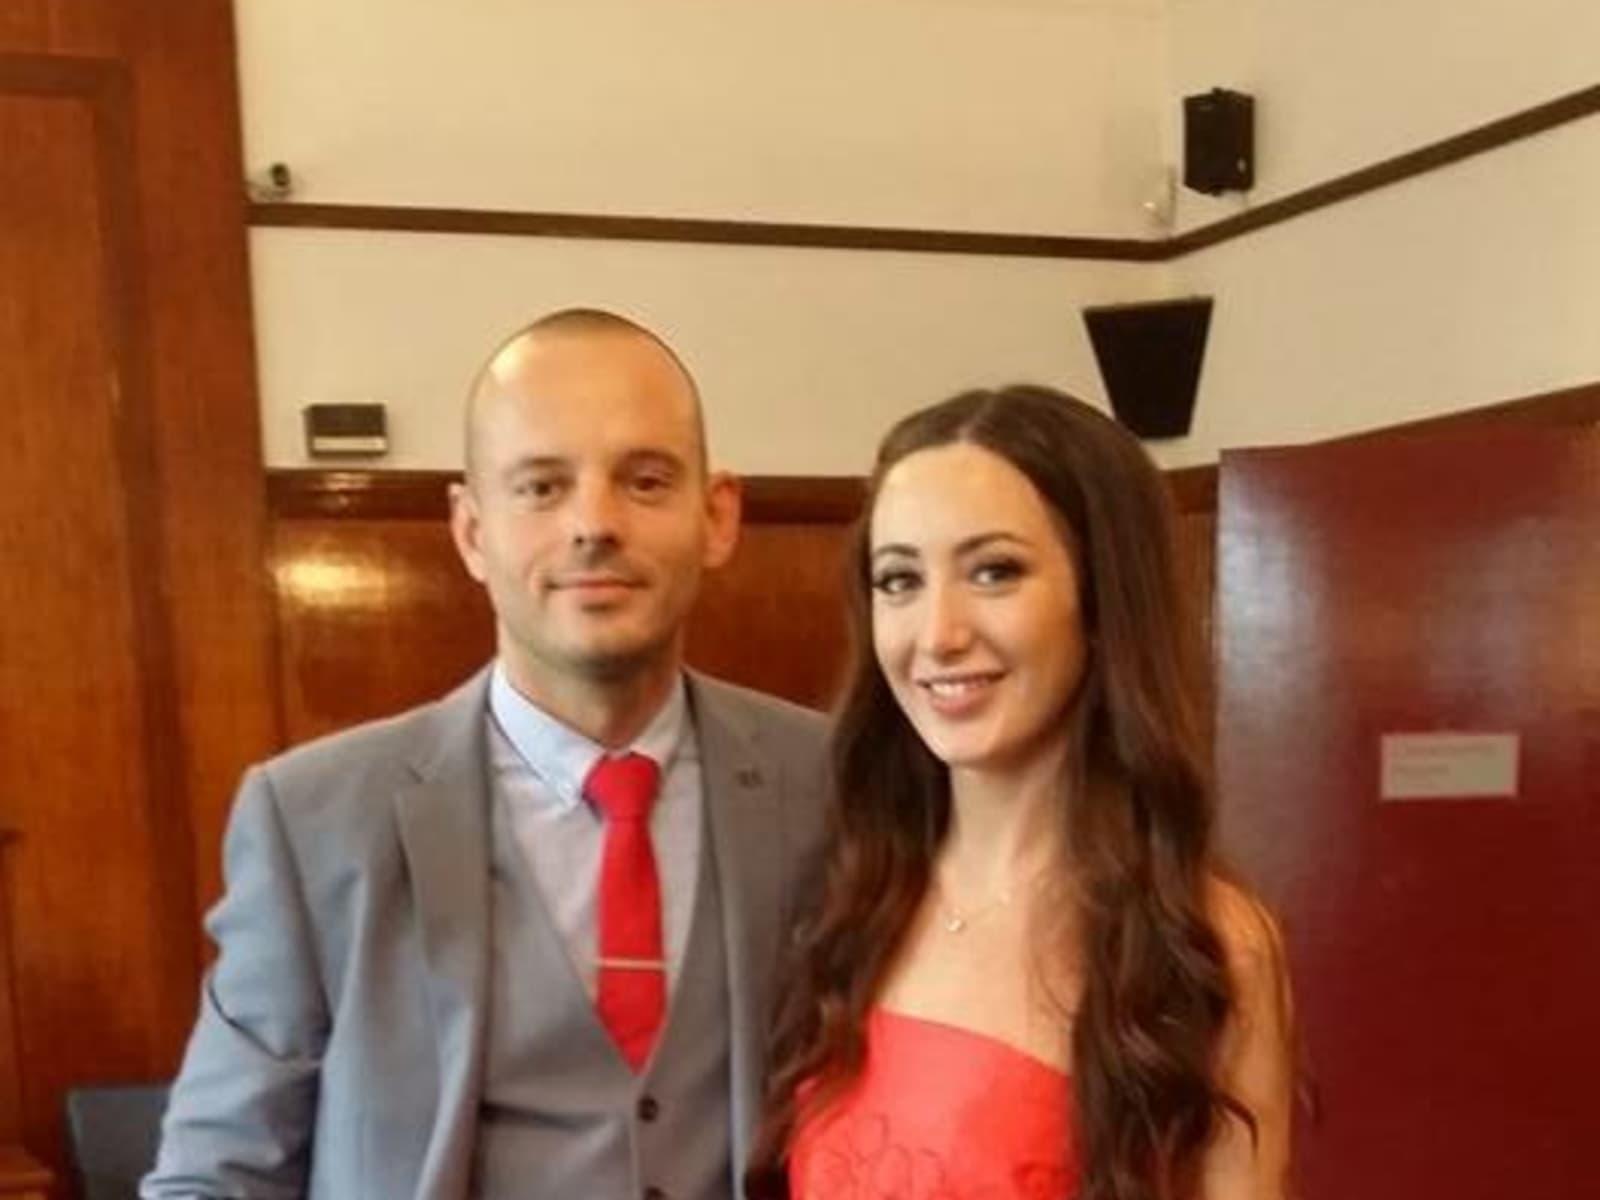 Jonathan & sarah & Sarah from Birmingham, United Kingdom